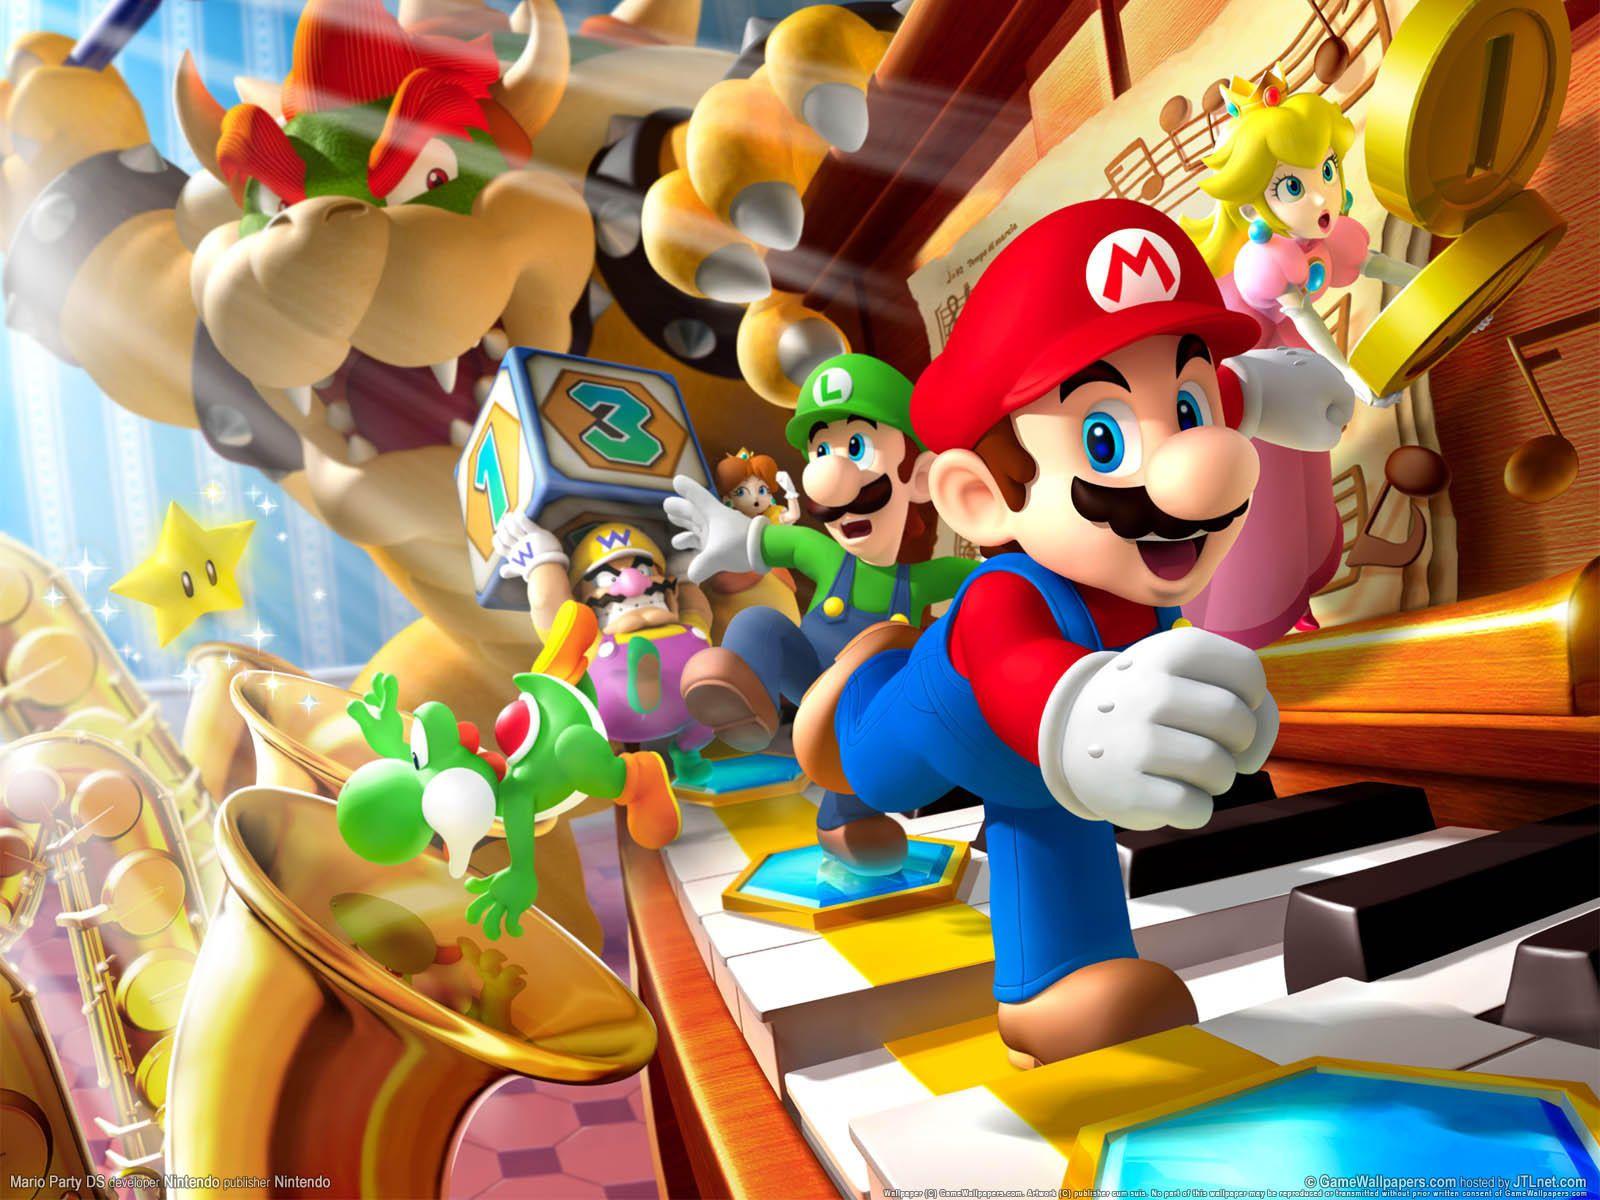 Fond Ecran Jeux Video Super Mario